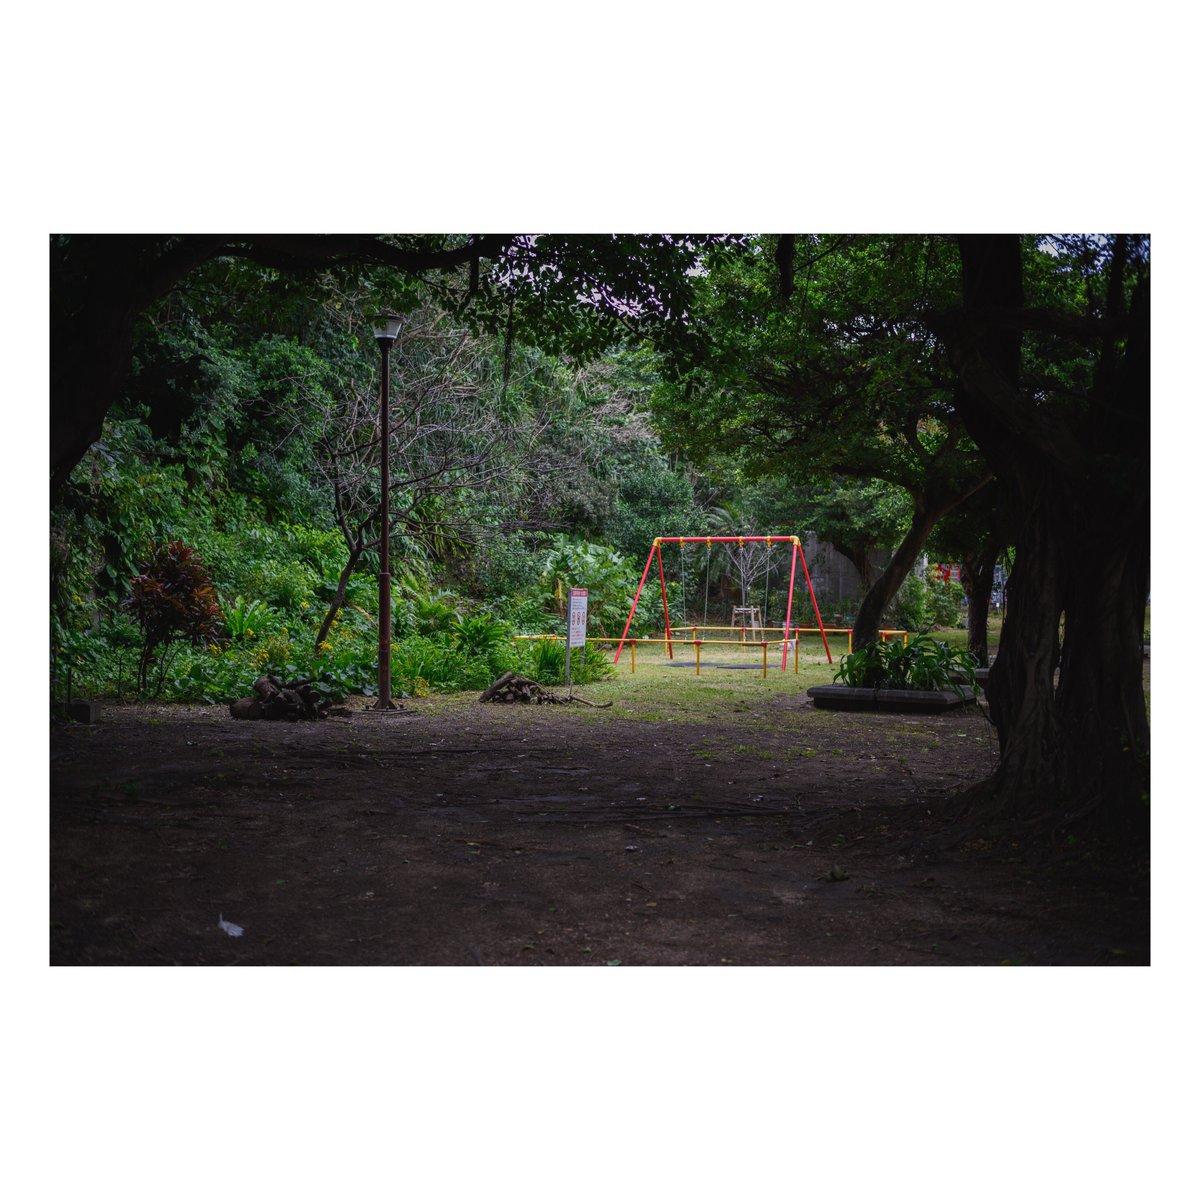 明暗。 #写真 #ファインダー越しの私の世界  #写真シェア #写真好きと繋がりたい #Nikon #Z6 #マクロプラナー #Makroplanar #Milvus #お写ん歩 #沖縄 #vsco